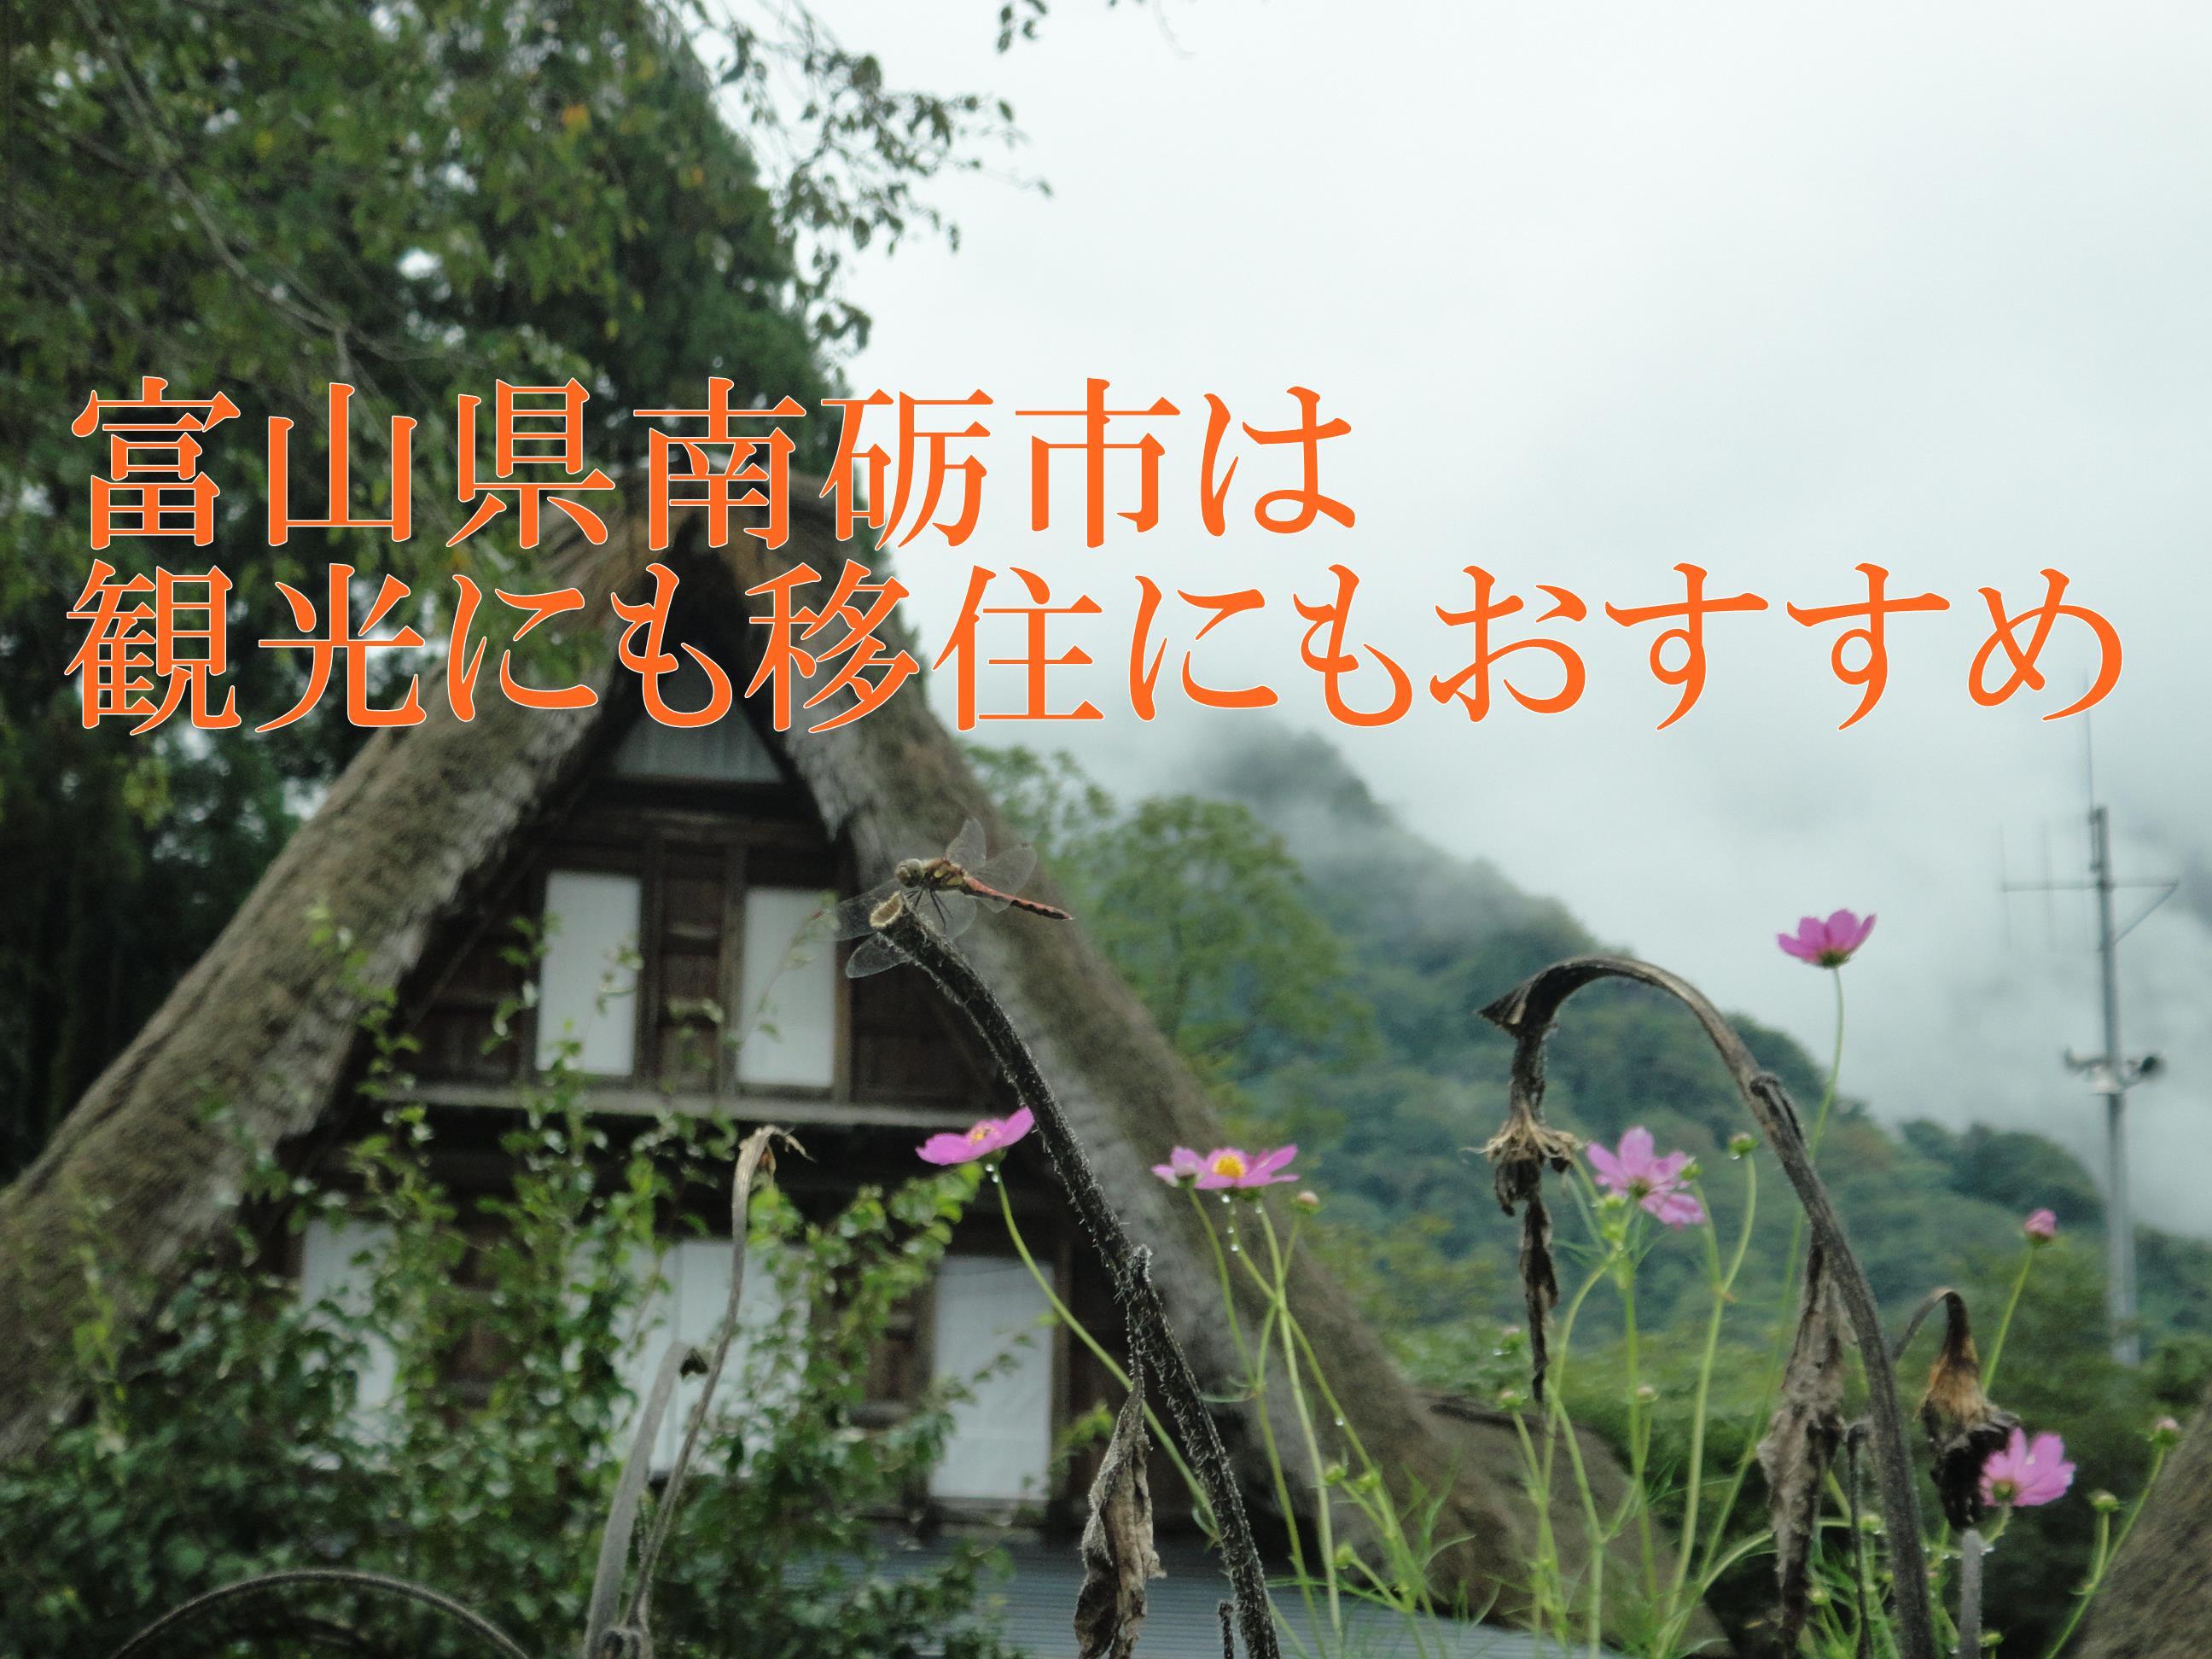 富山県南砺市へ移住をガチでおすすめする理由